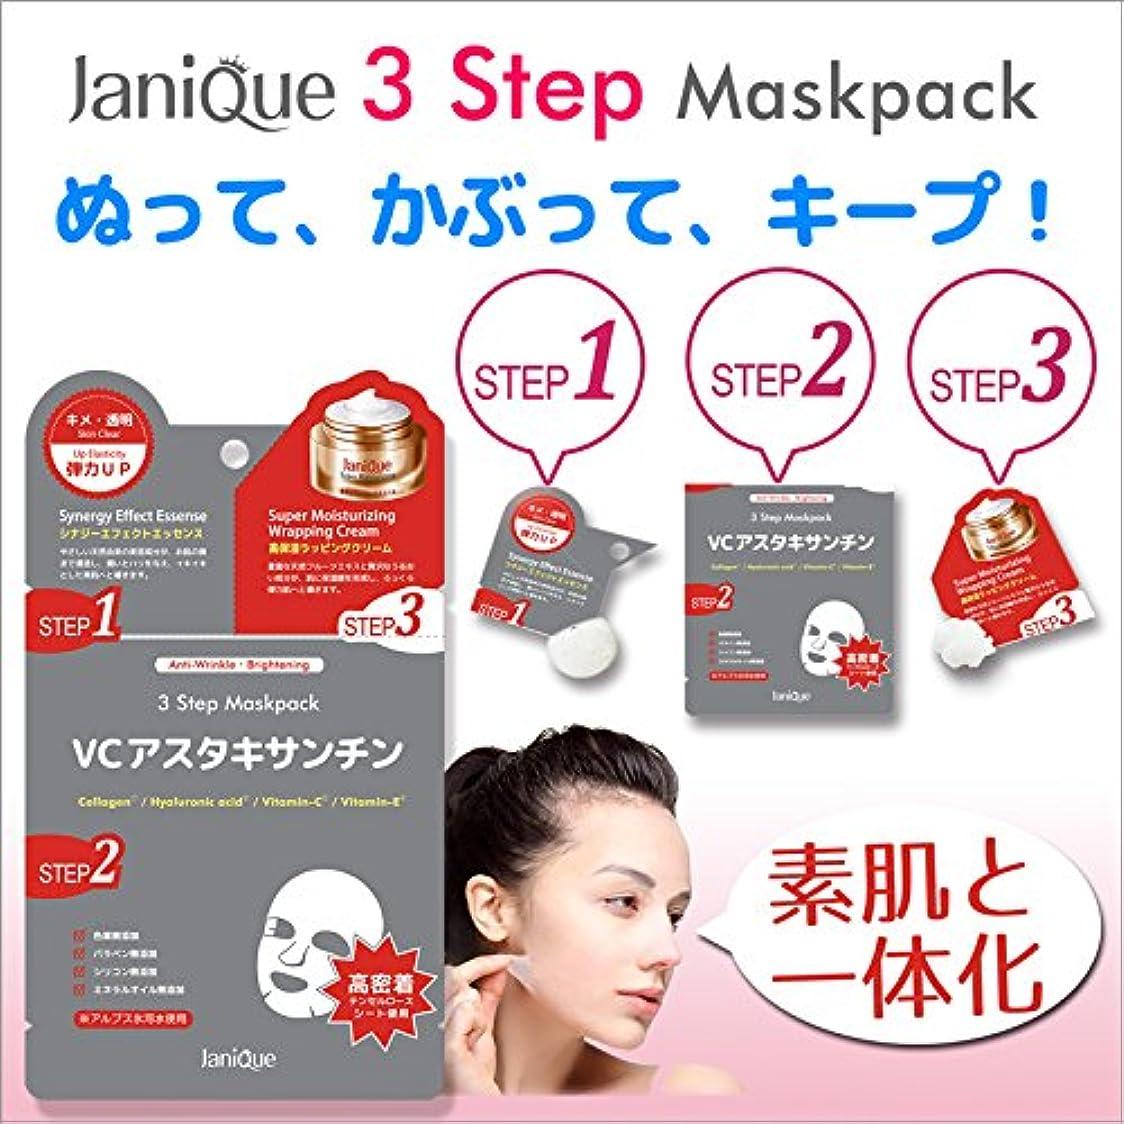 一掃するパーティション倉庫Janique(ジャニーク)3ステップマスクパック?VCアスタキサンチン(全3種